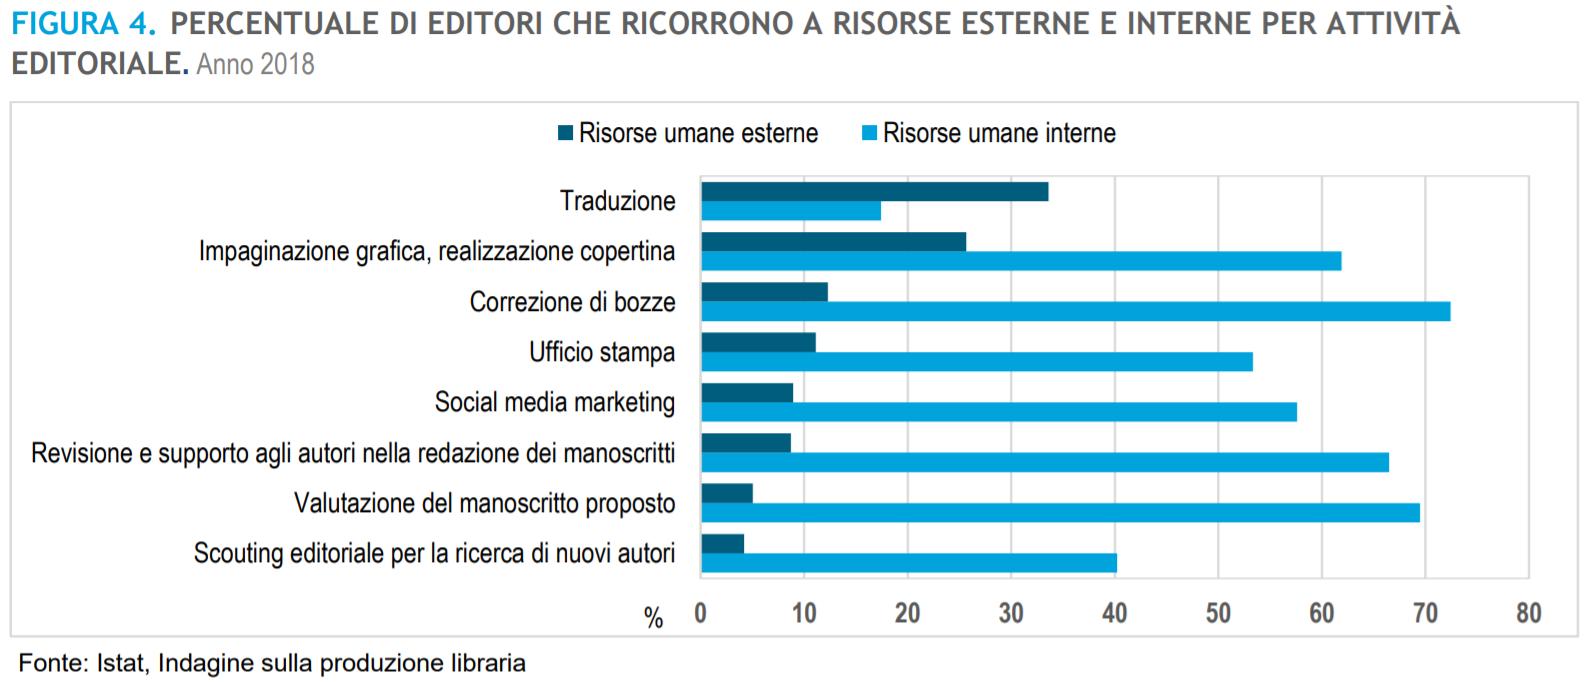 Gli editori preferiscono risorse interne o esterne